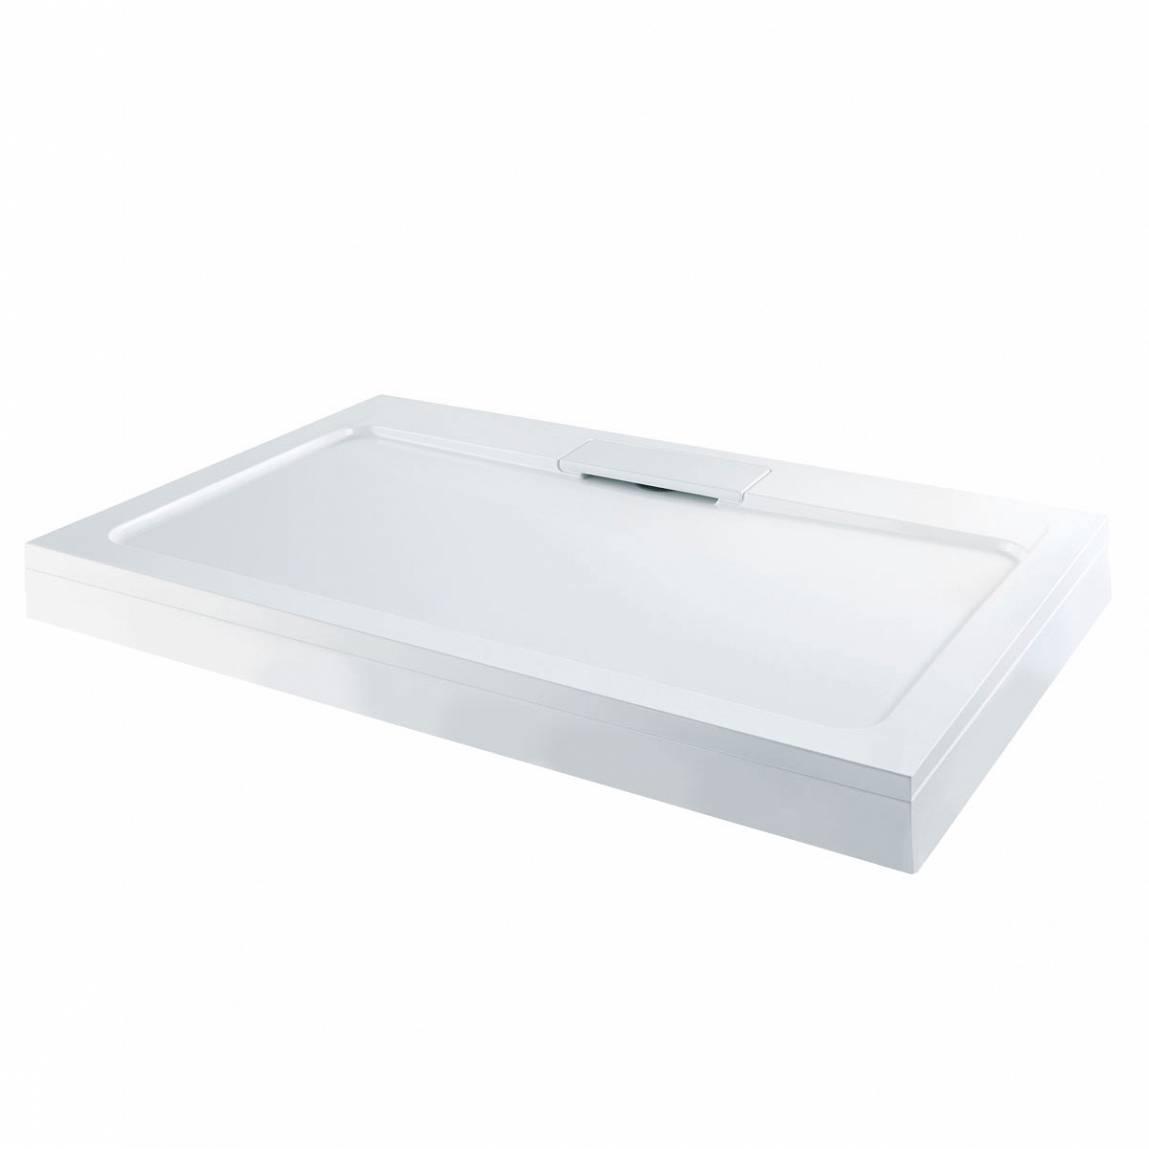 Image of Designer Rectangular Stone Shower Tray & Riser Kit 1000 x 800